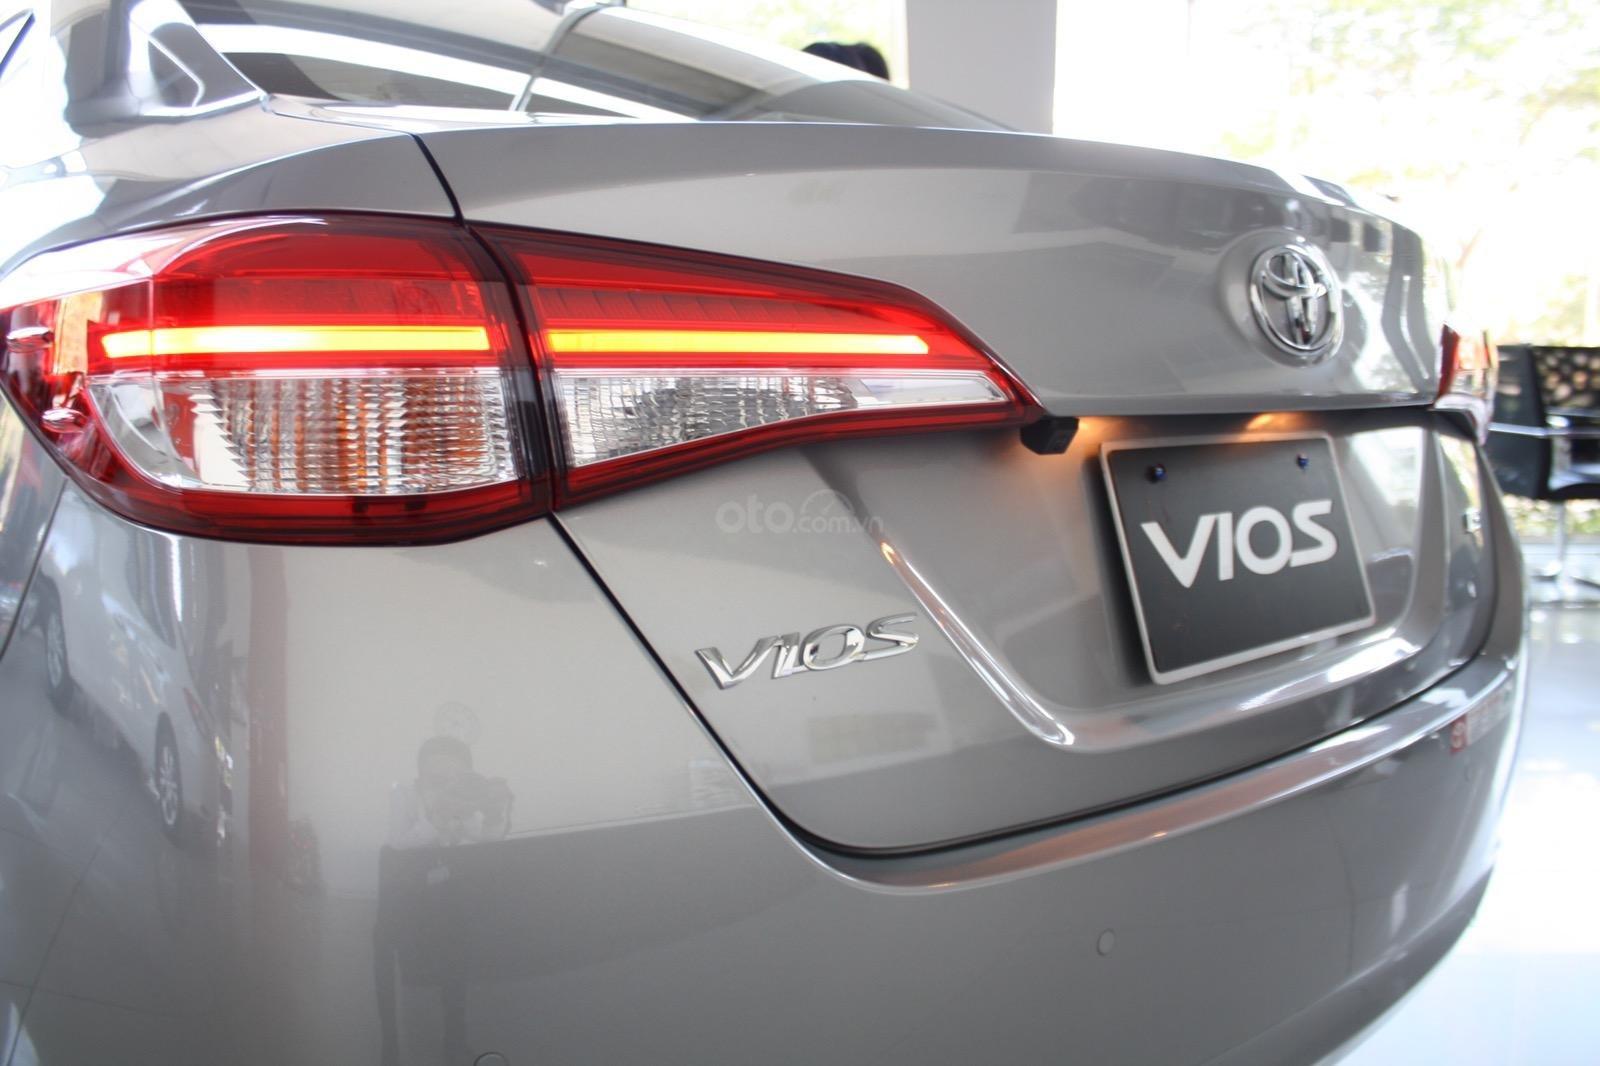 Toyota Vios G 2021, giá tốt - khuyến mãi lớn, hỗ trợ ngân hàng - lãi suất thấp (3)